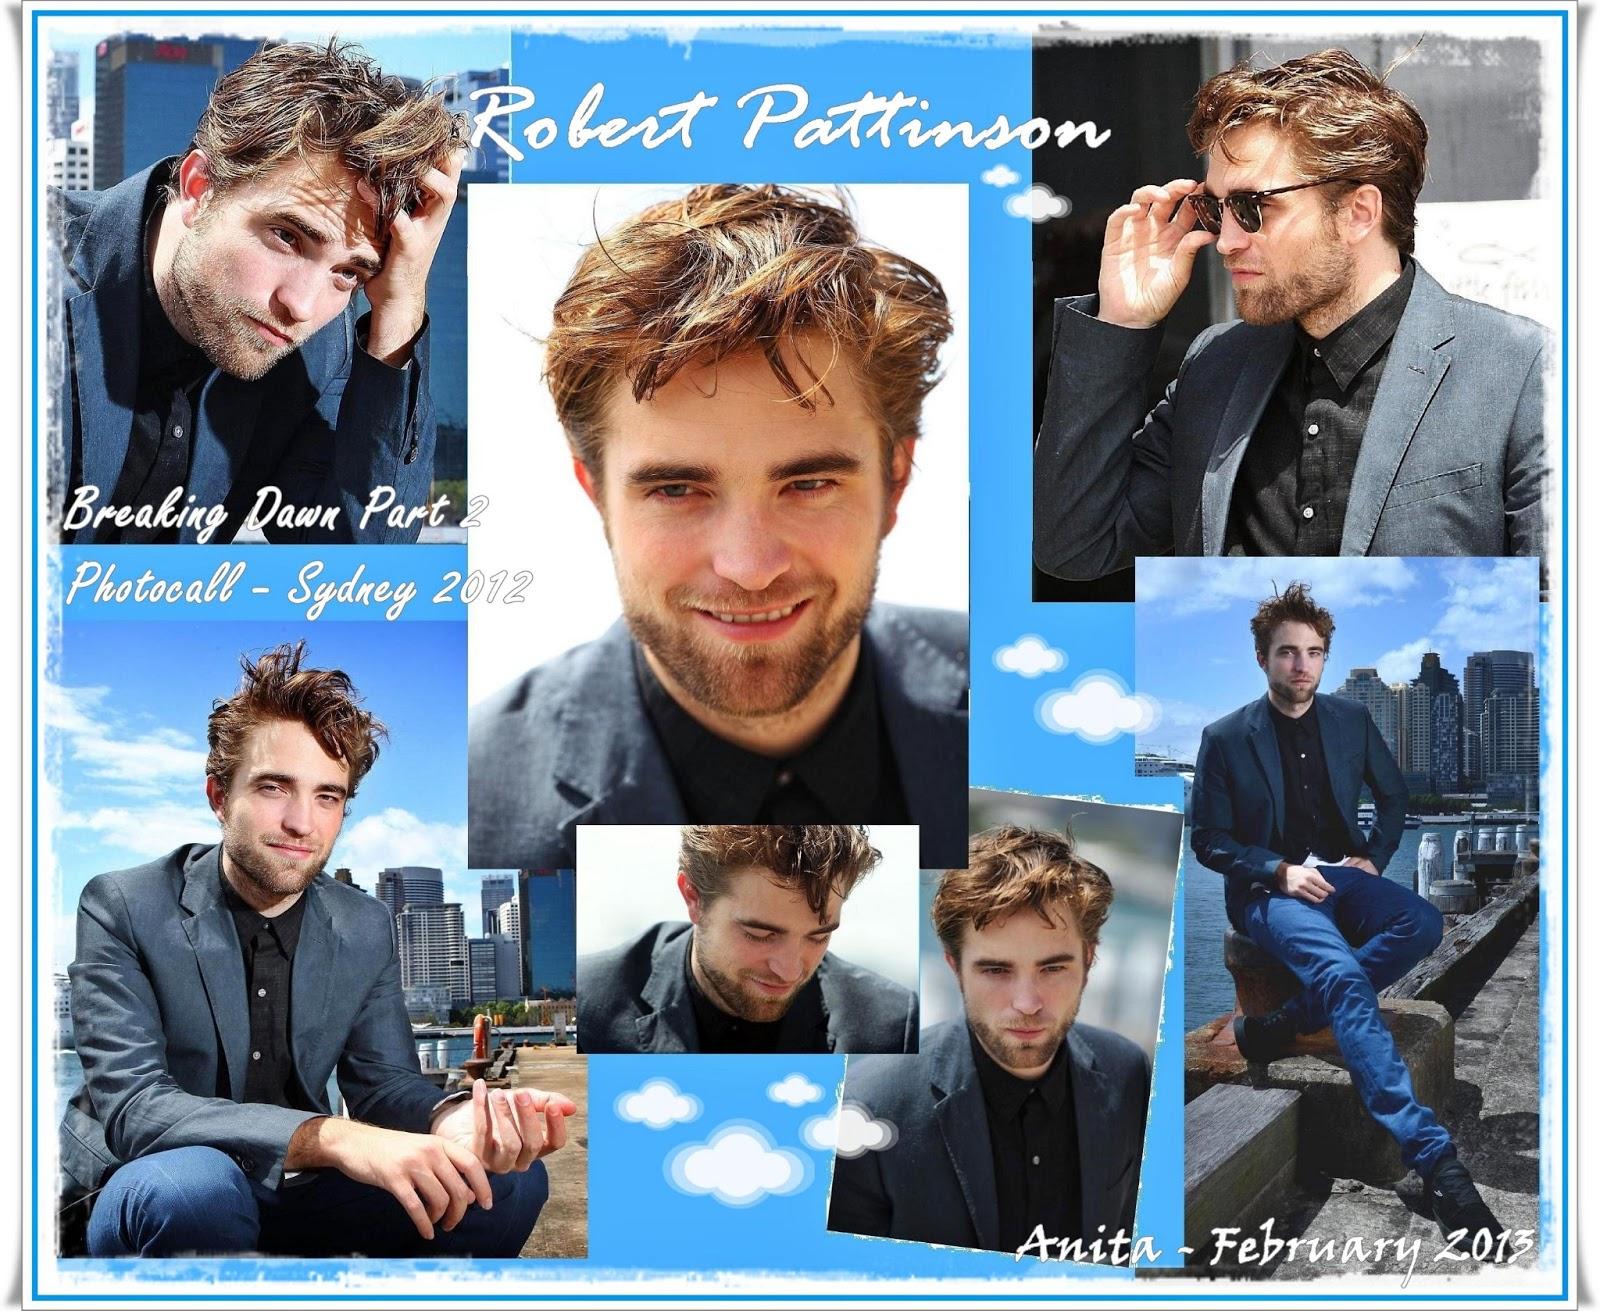 http://3.bp.blogspot.com/-VLYHO0oIaO0/USoHNcZd2bI/AAAAAAAAAkA/WfTbPCWhm2A/s1600/Rob-Sydney-BD2-2012.JPG